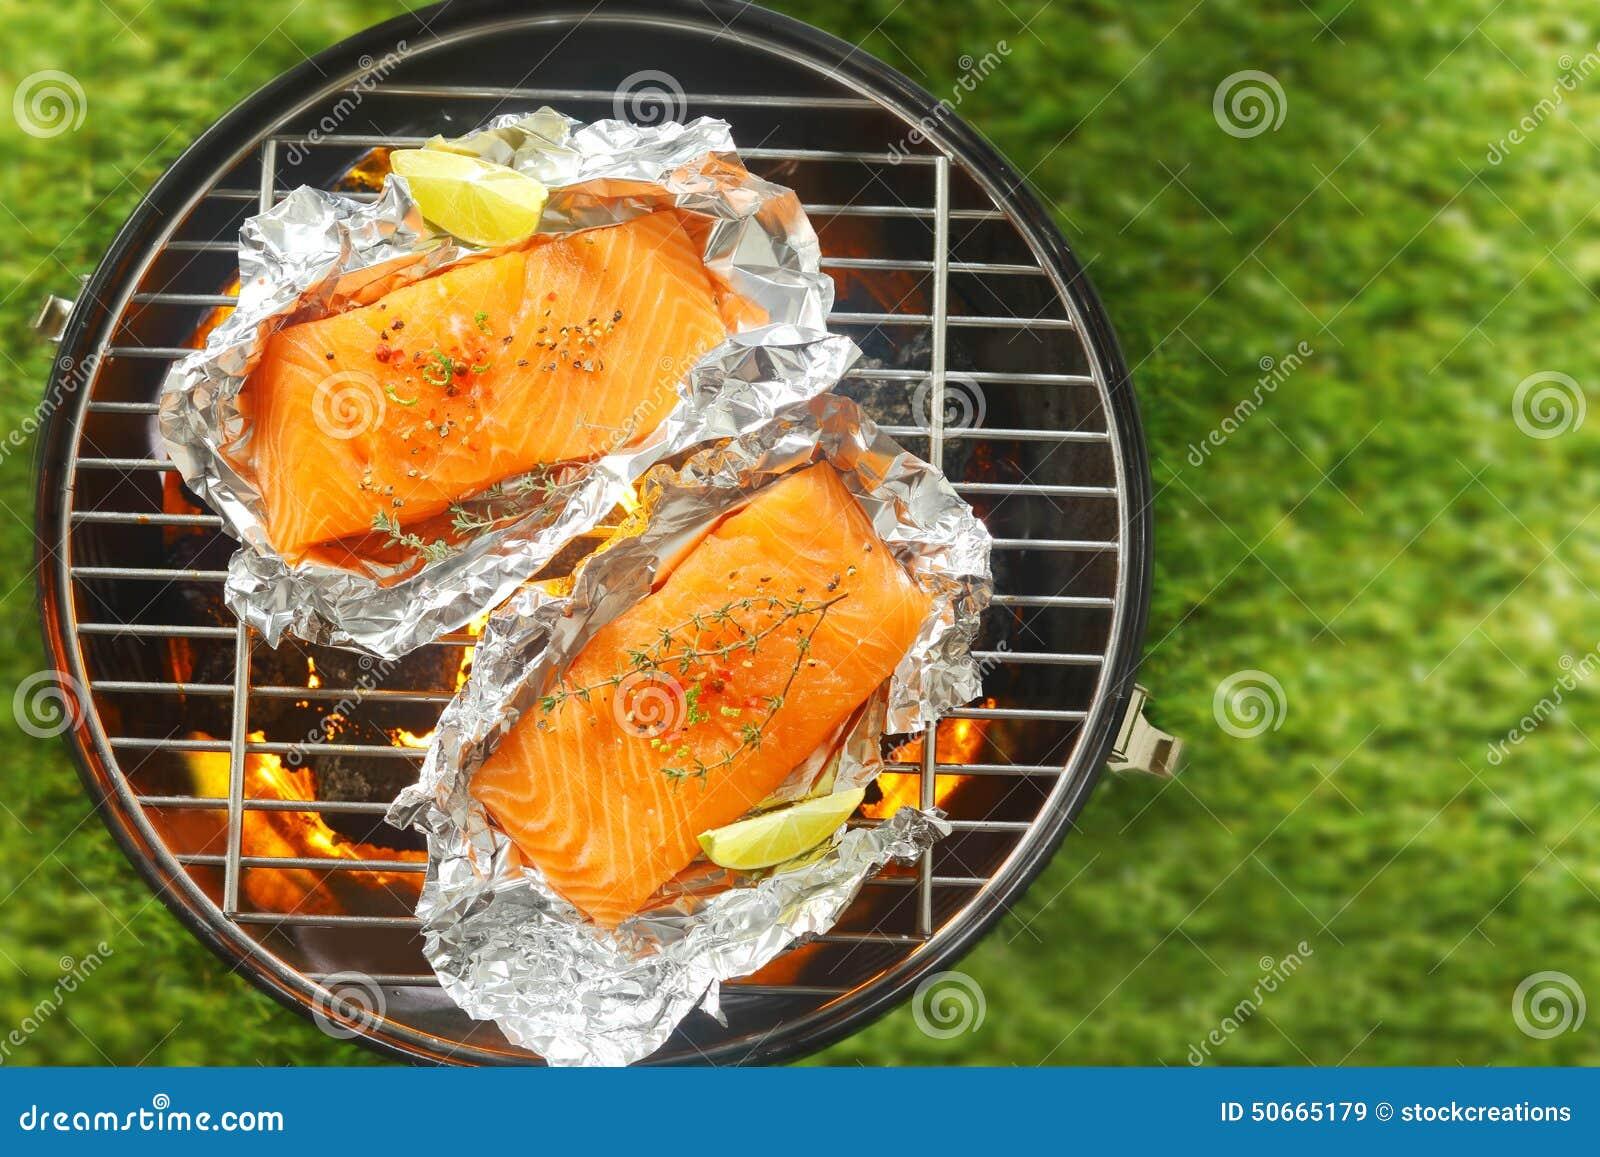 Gastronomische zalmlapjes vlees die op een barbecue roosteren